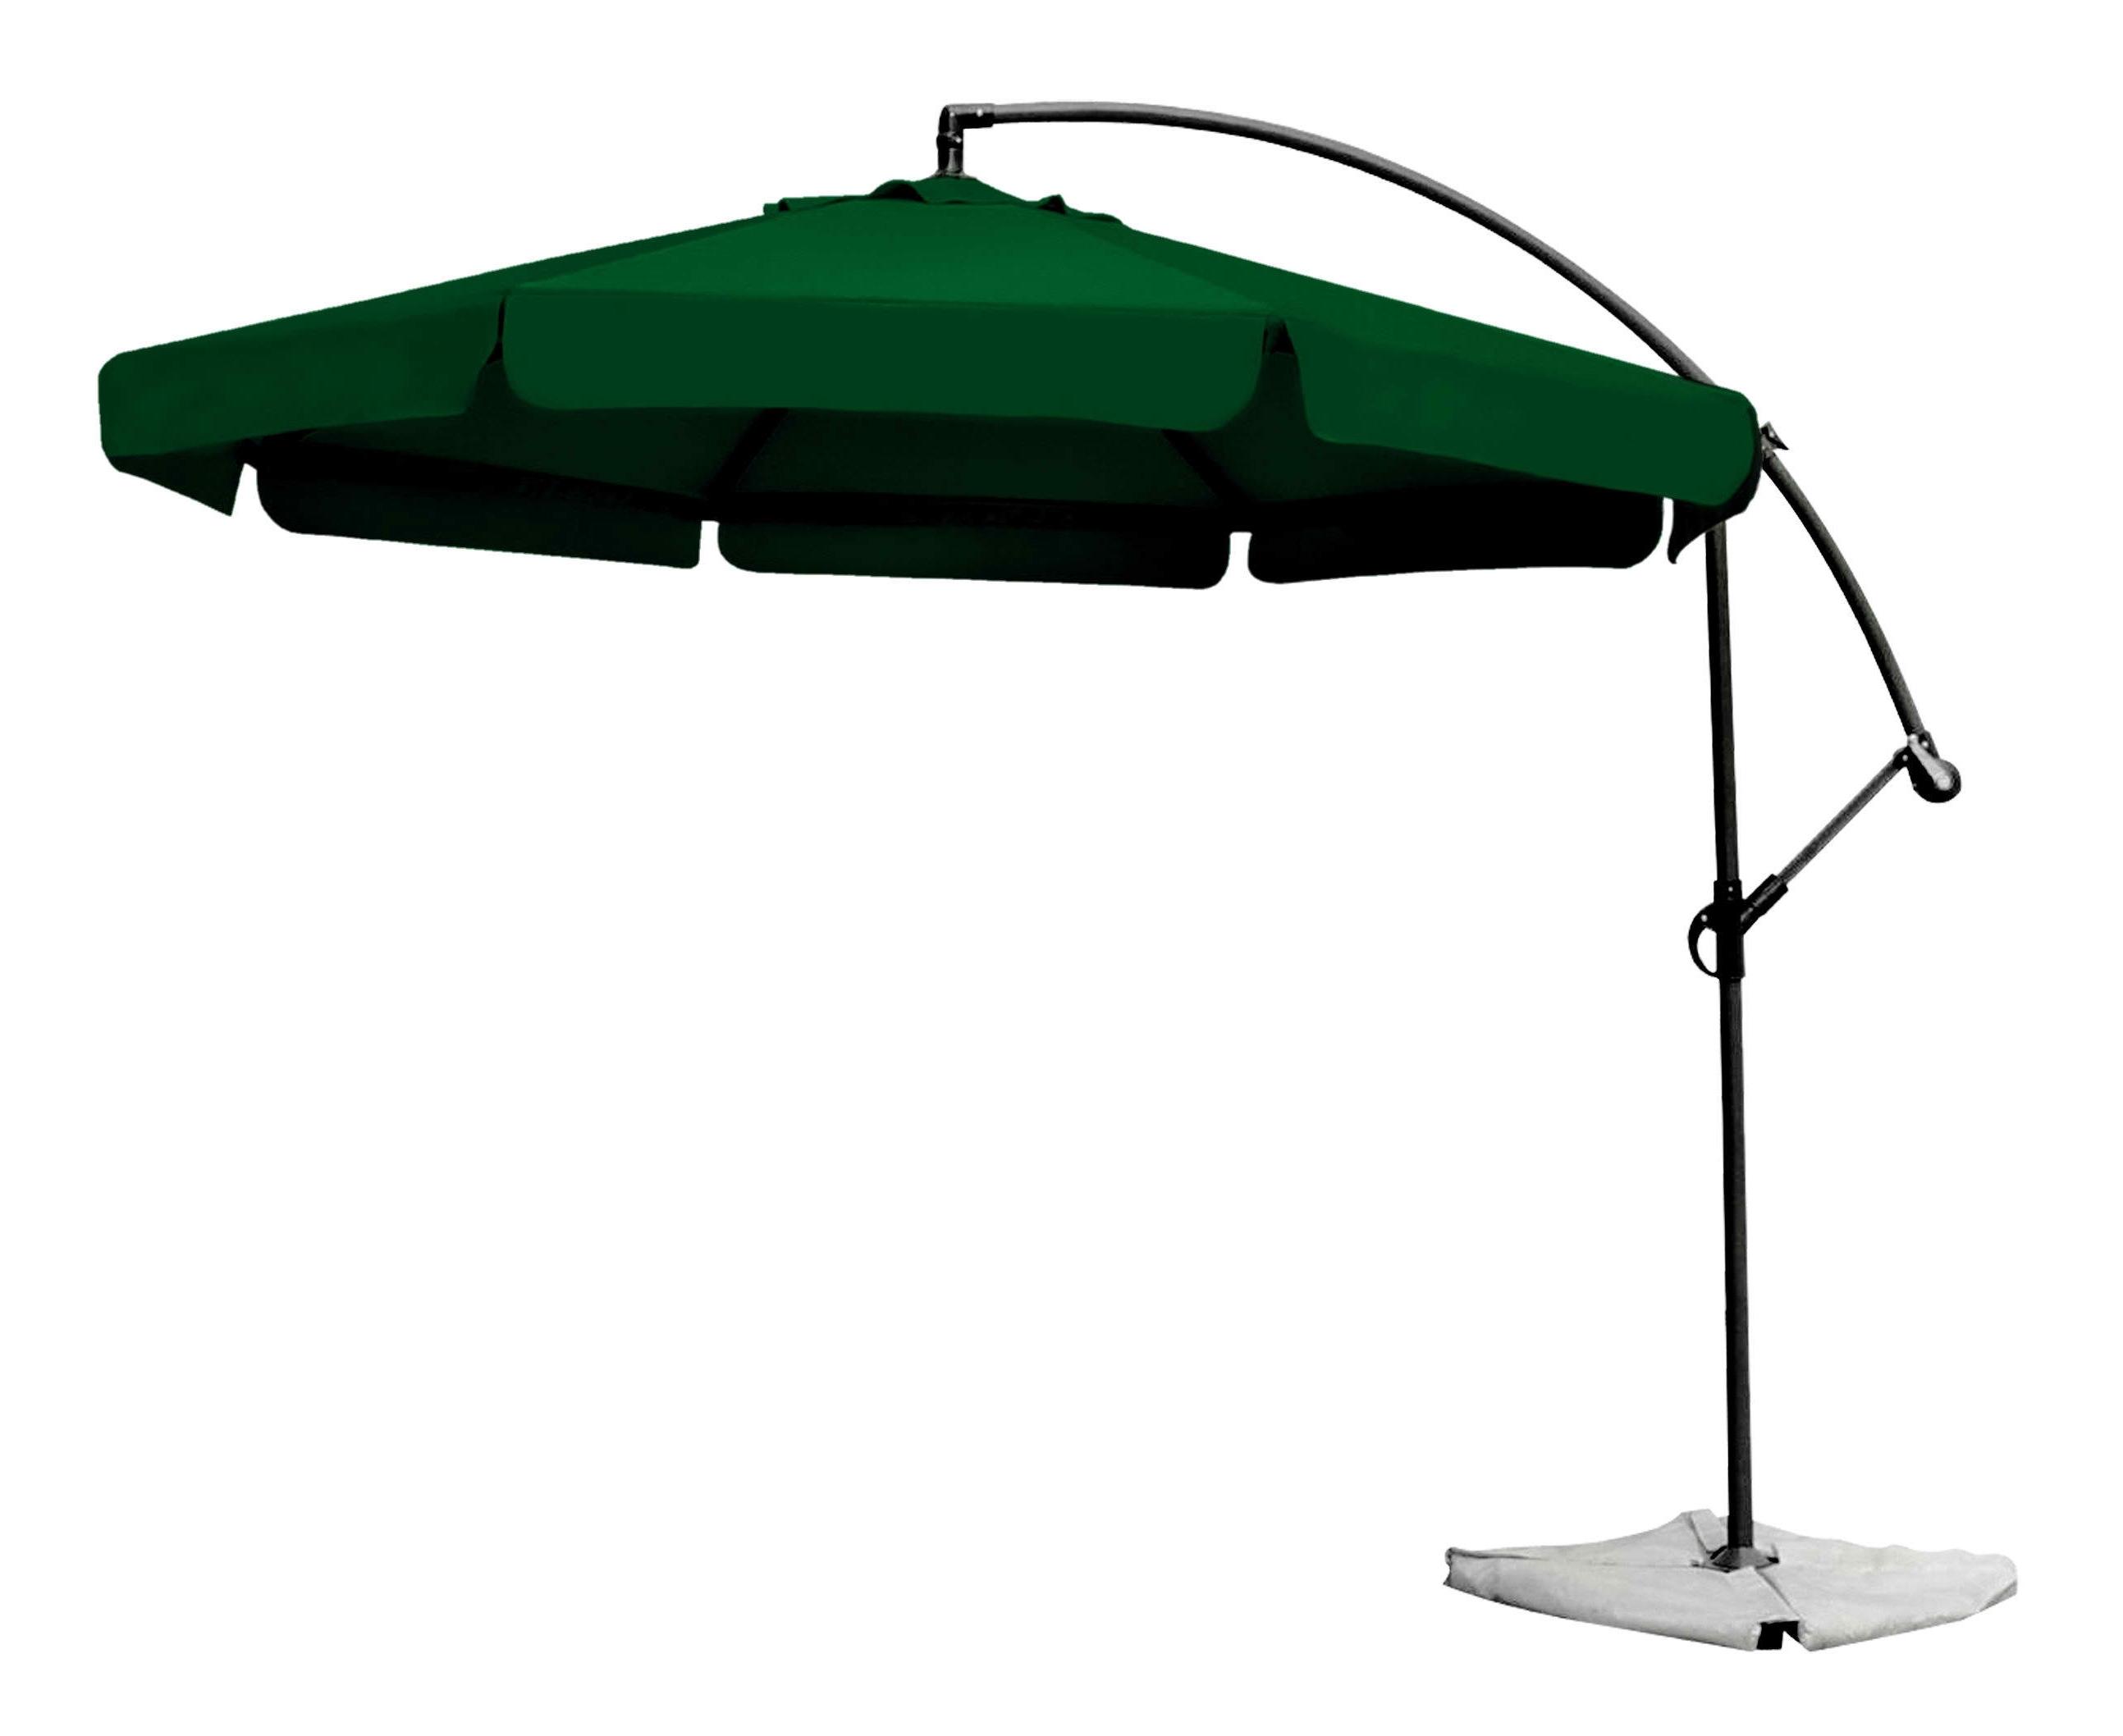 Walmart Patio Umbrellas Pertaining To Recent Walmart Umbrellas Patio Elegant Furniture Walmart Patio Umbrella (View 15 of 20)